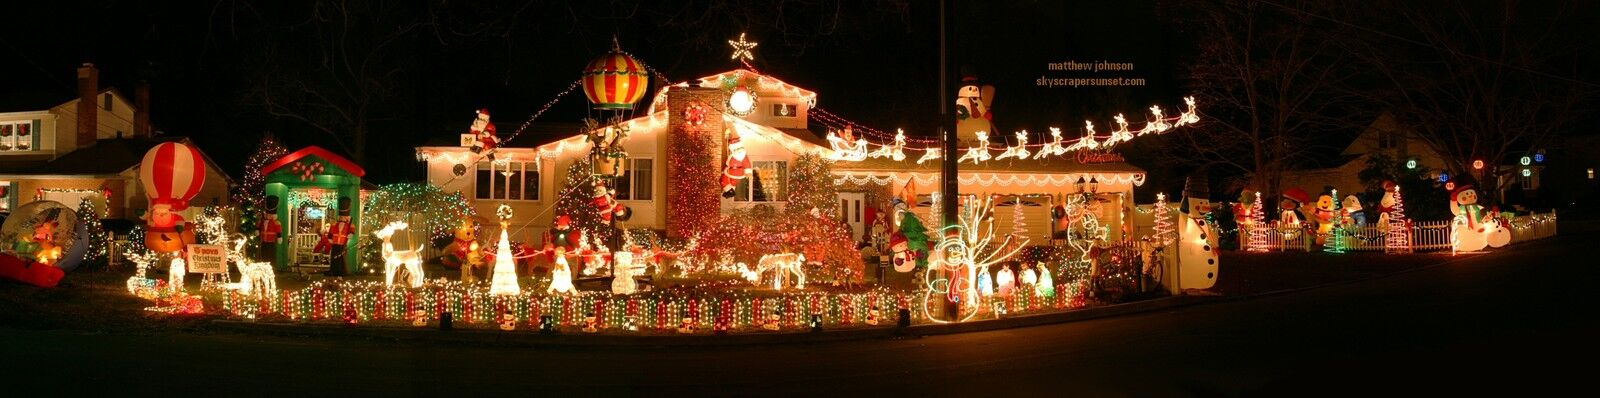 Victoria's Holiday Extravaganza